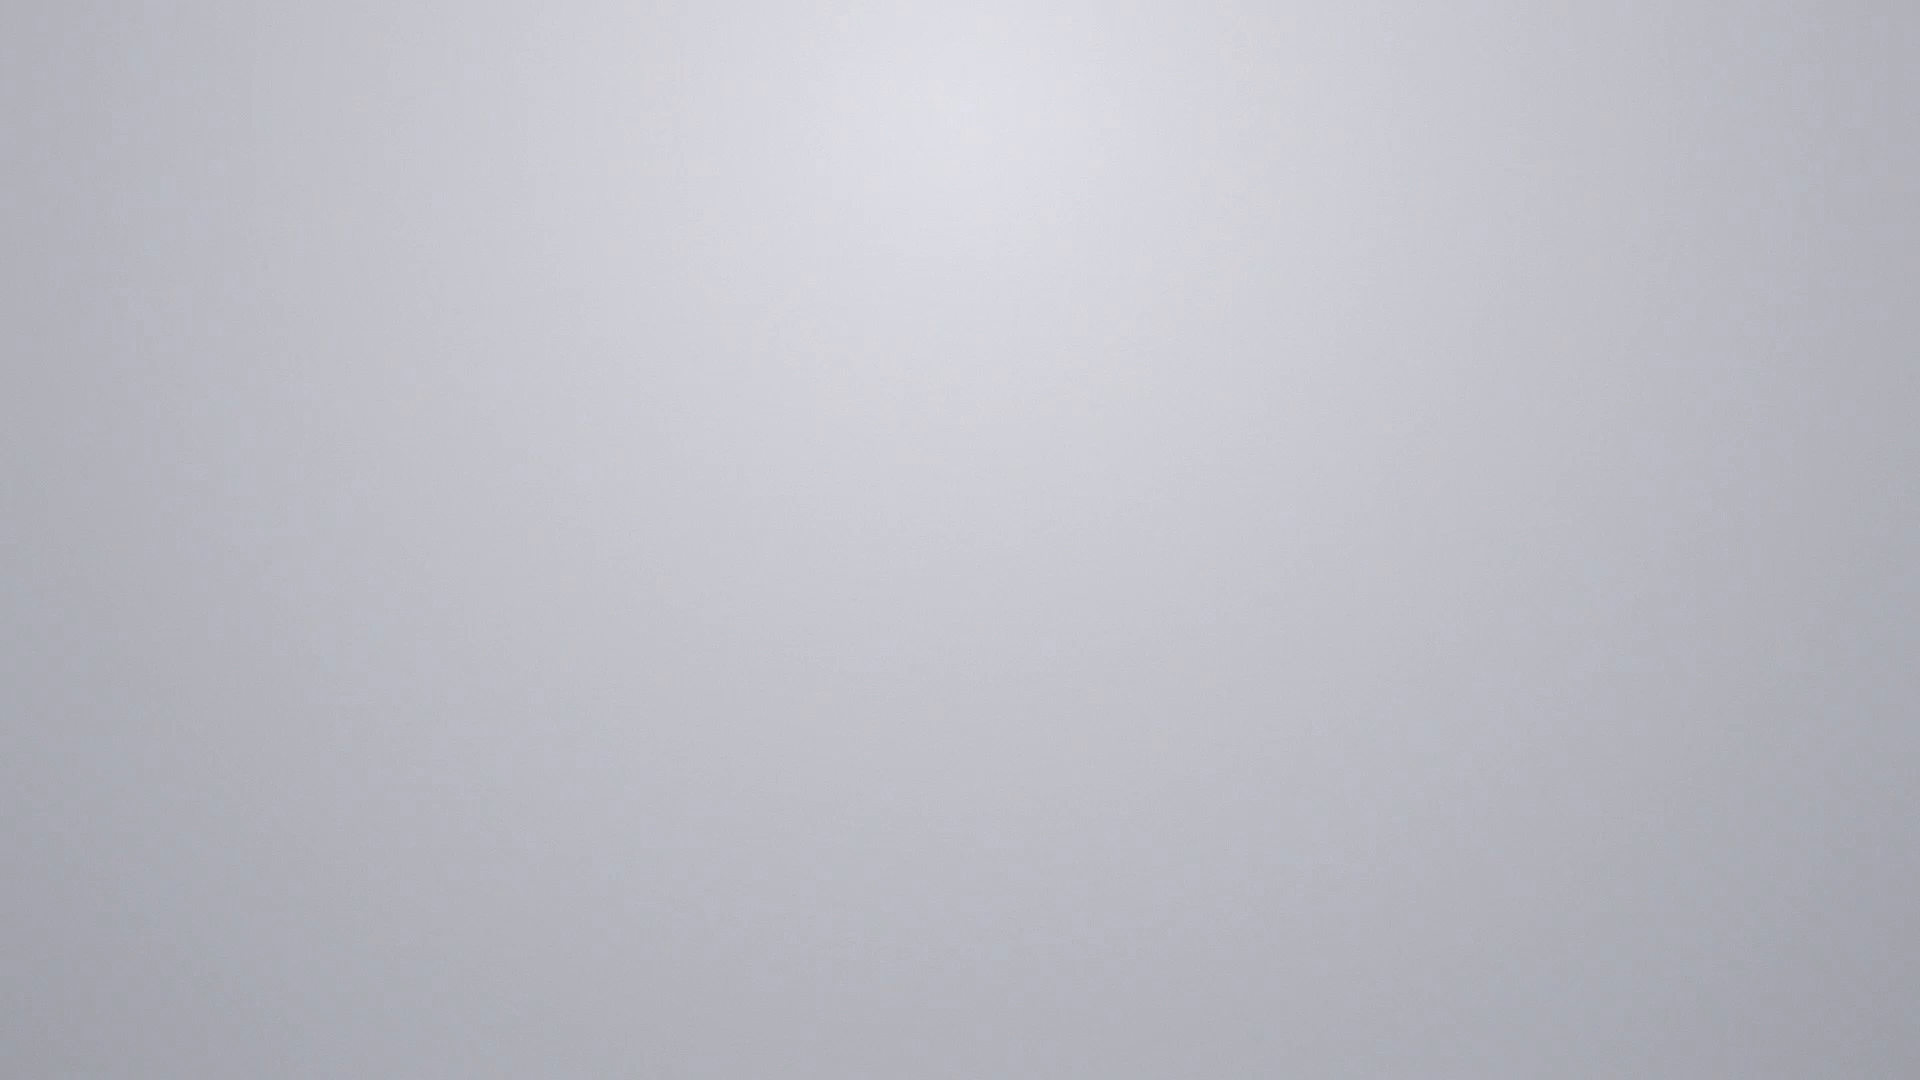 معرفی سیبانه به عنوان اپ استور ایرنی نرم افزارهای اورجینال iOS